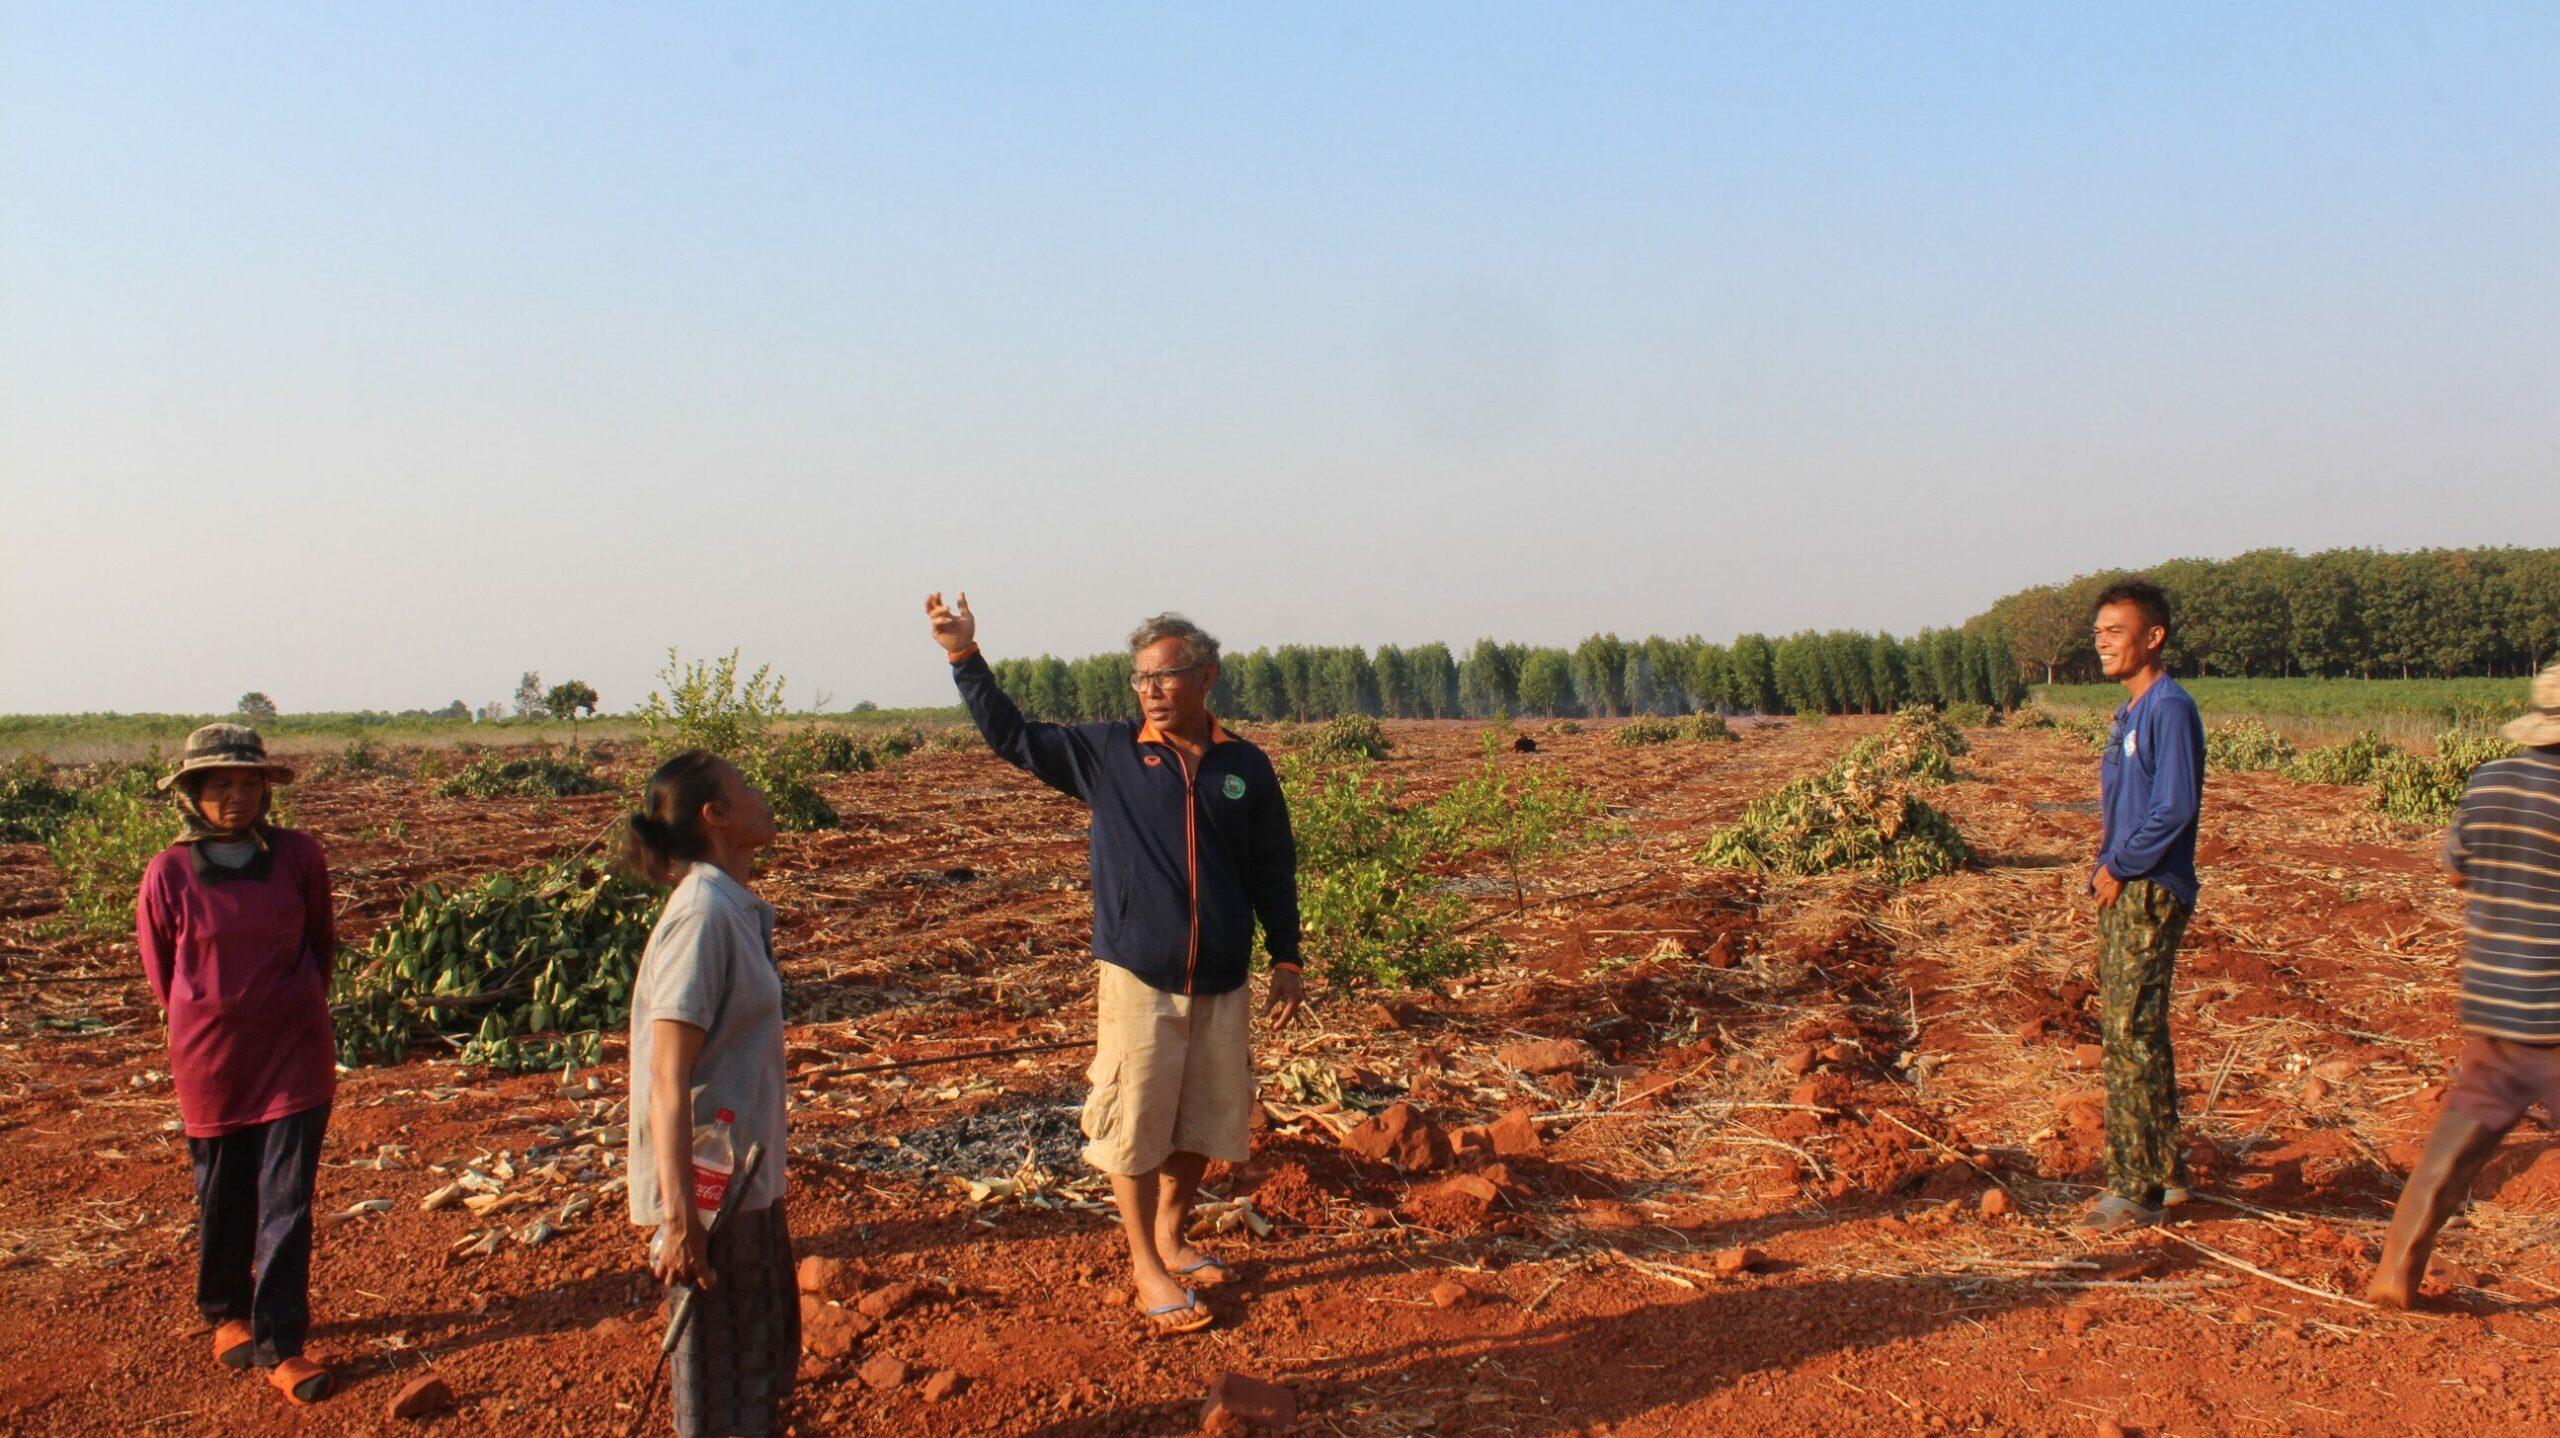 โขลงช้างป่าทับลาน ล้มสวนขนุนชาวบ้านพังยับ กว่า 300 ต้น